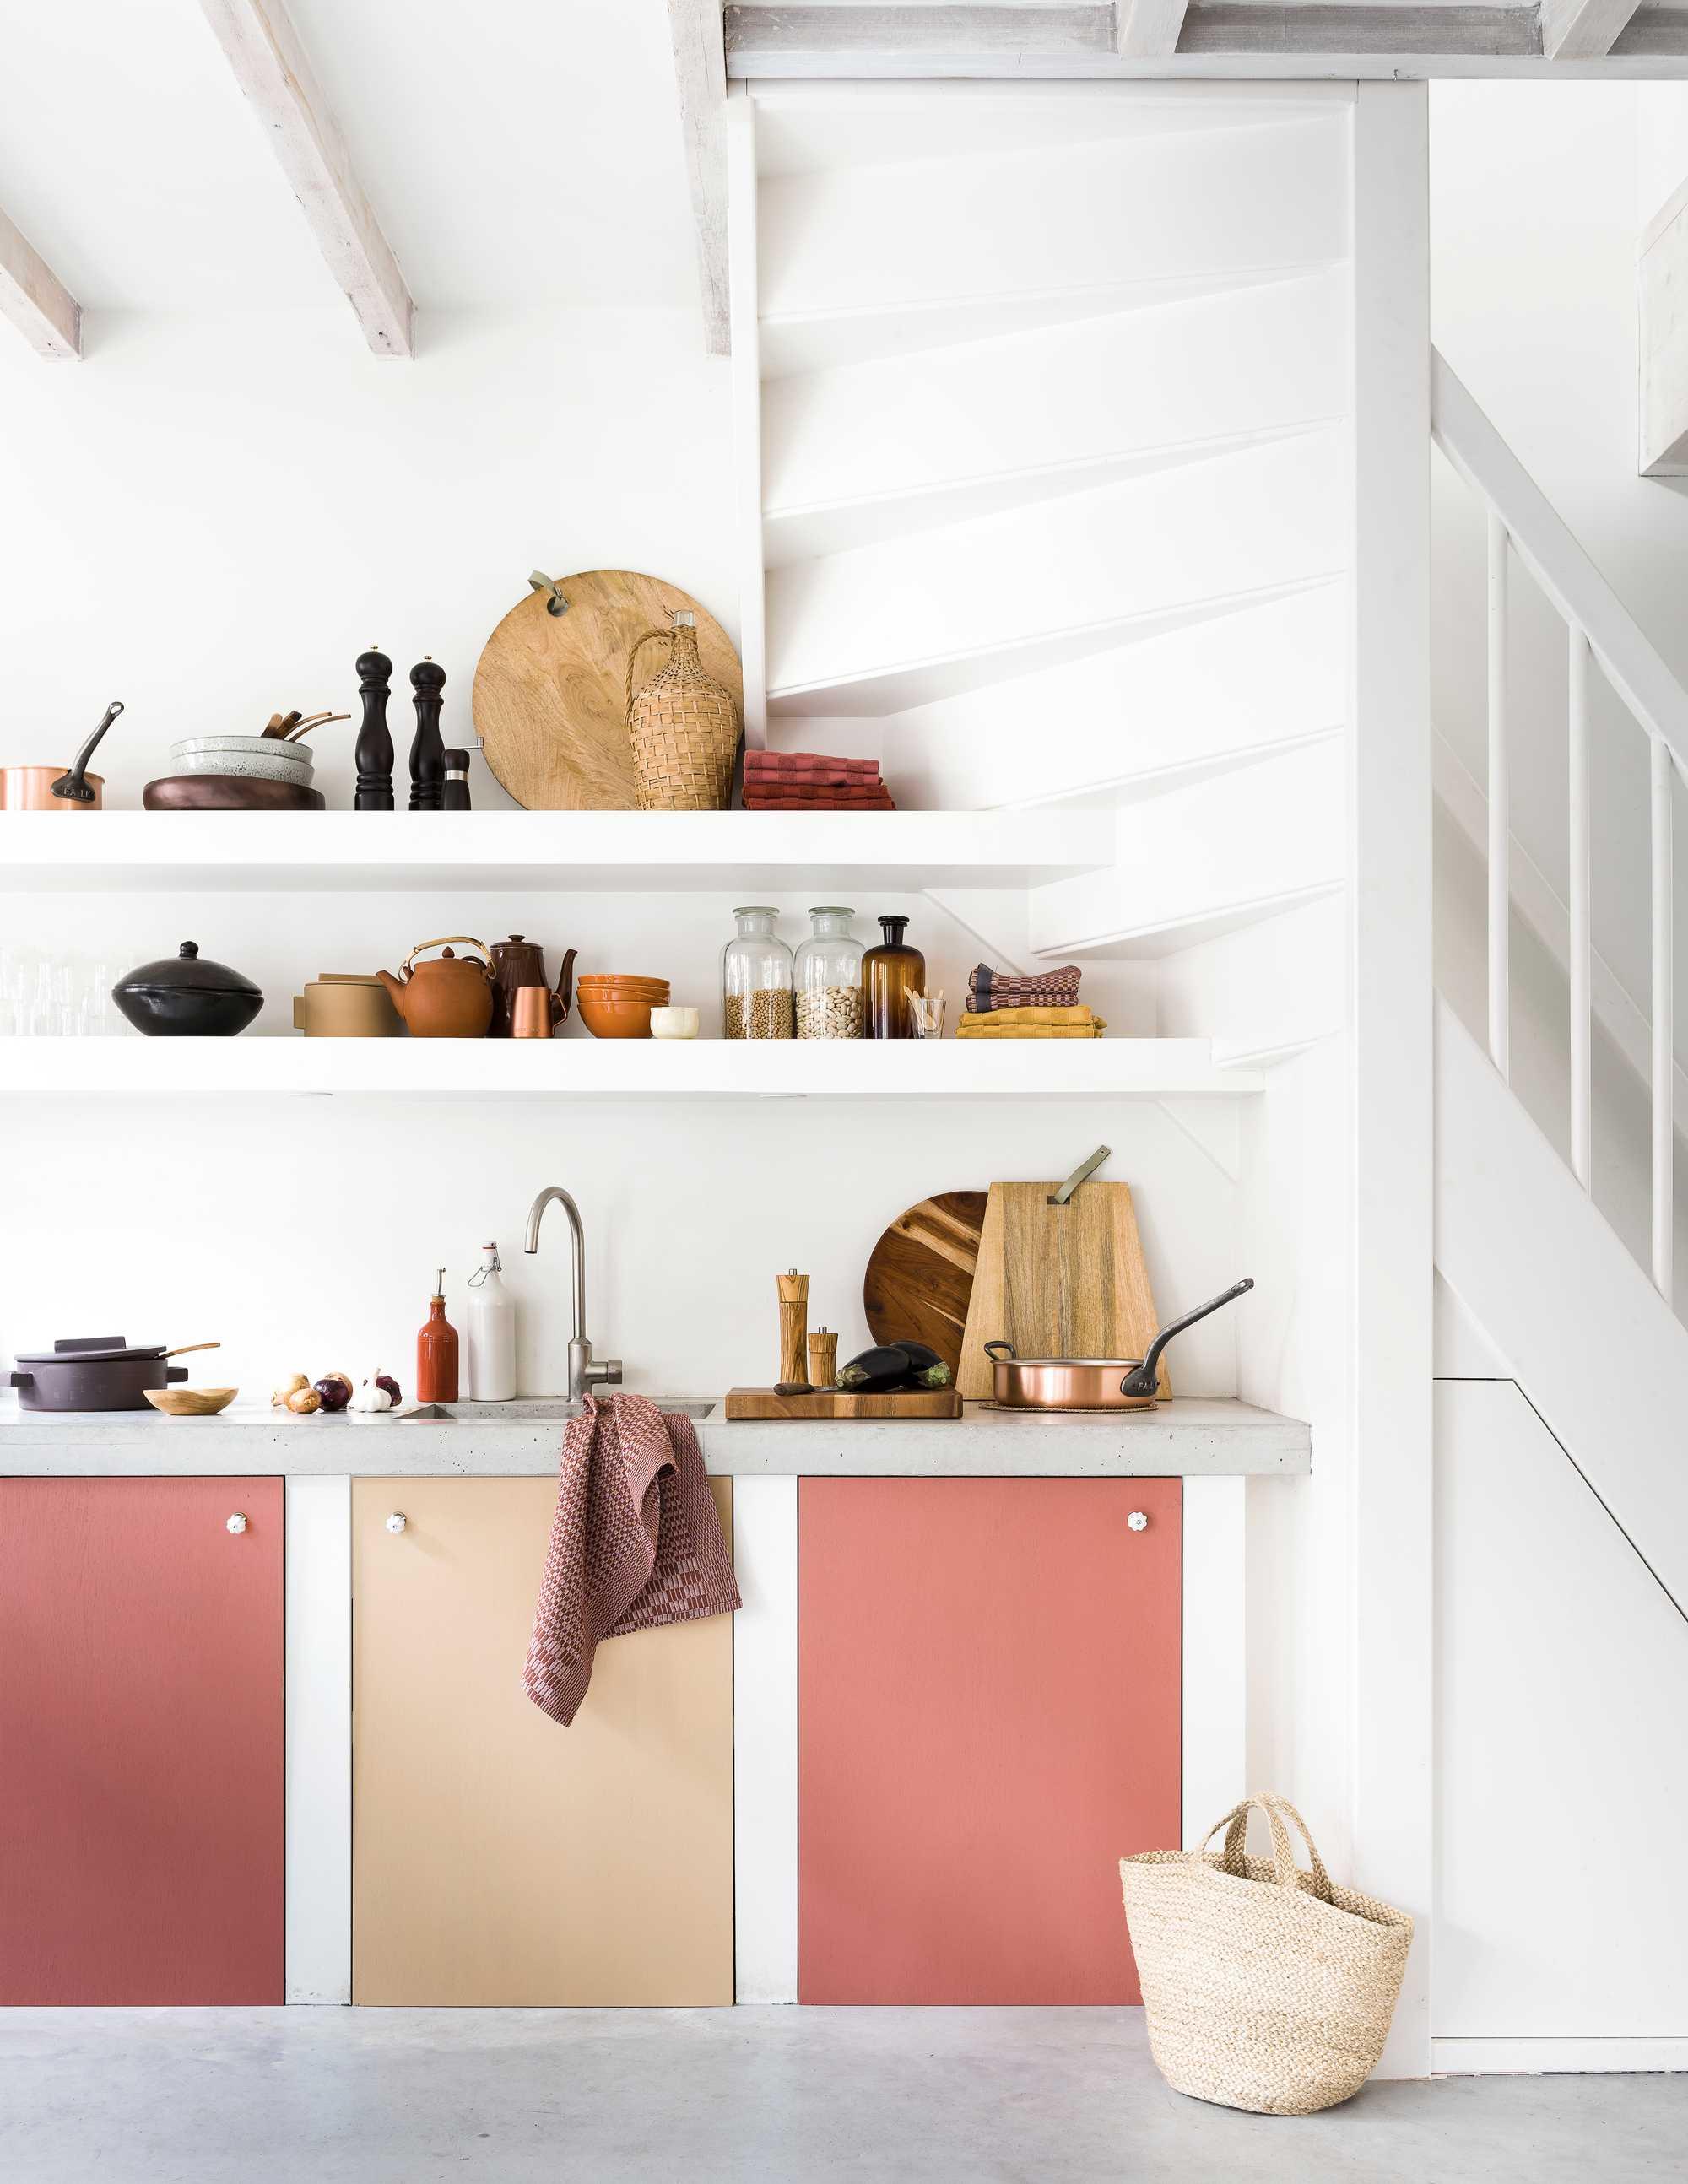 Keuken Muren Schilderen.Keukenkastjes Verven En Styling Ideeen Vtwonen